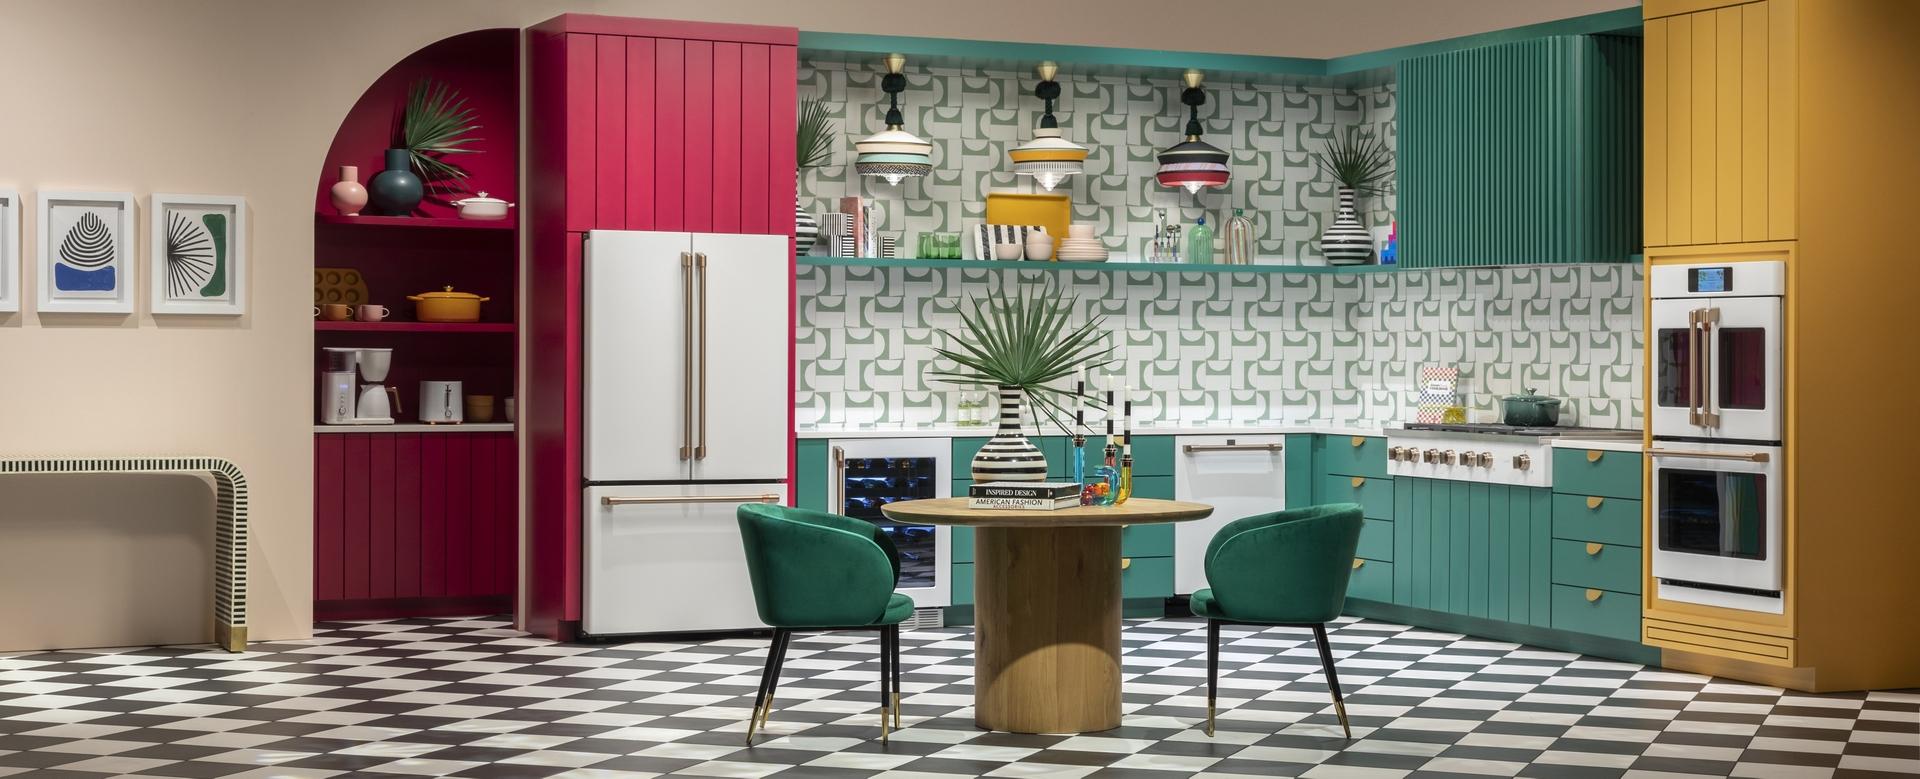 CAFÉ Endless Optimist Kitchen: KBIS 2021